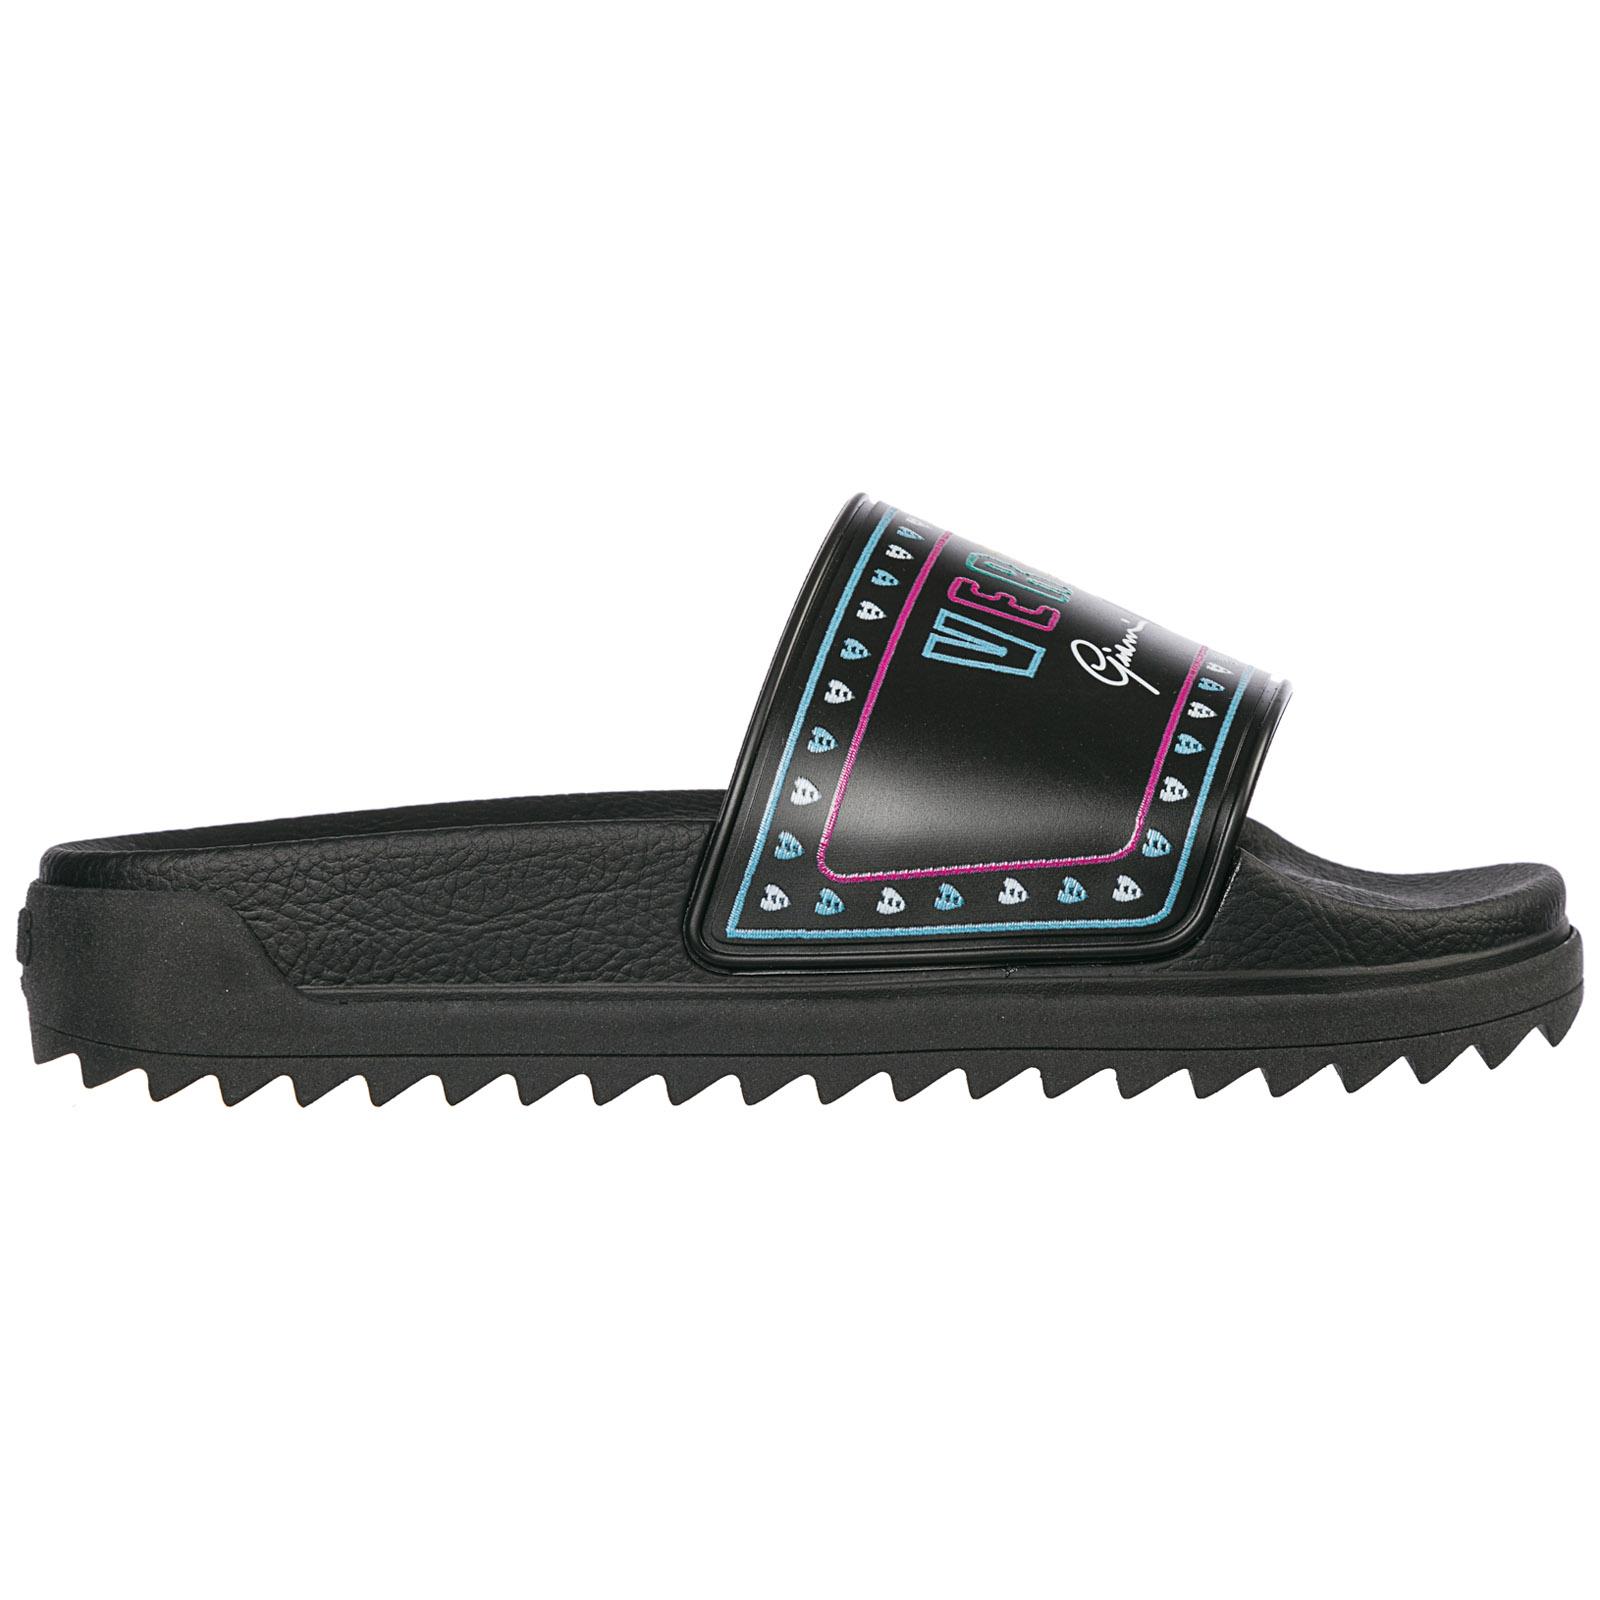 Versus Sandals WOMEN'S RUBBER SLIPPERS SANDALS